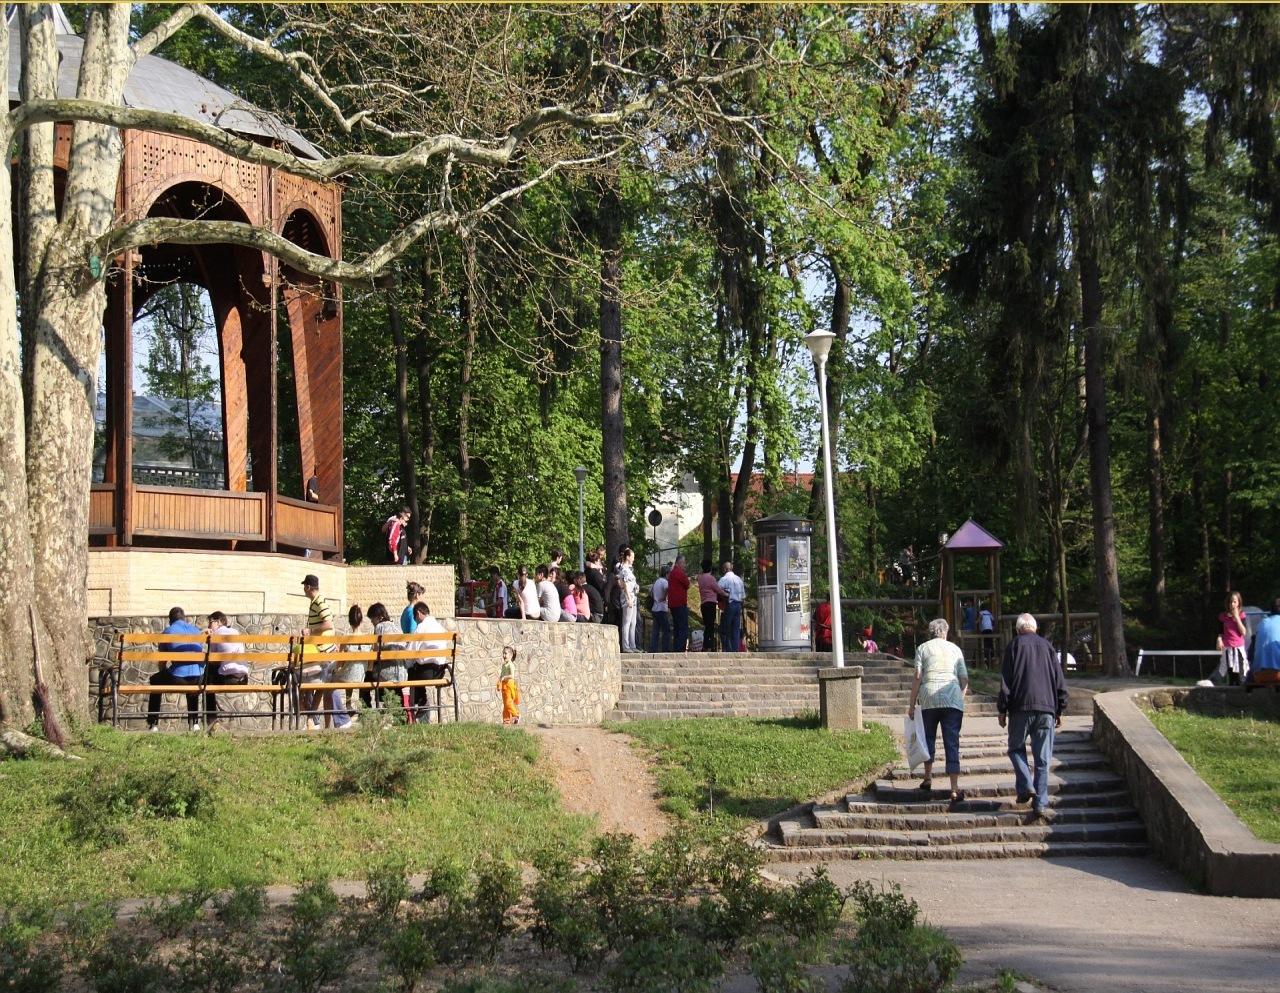 Cel mai mare și vechi parc din Sibiu găzduiește, începând de astăzi un festival cu proiecții de filme și activități recreative în aer liber